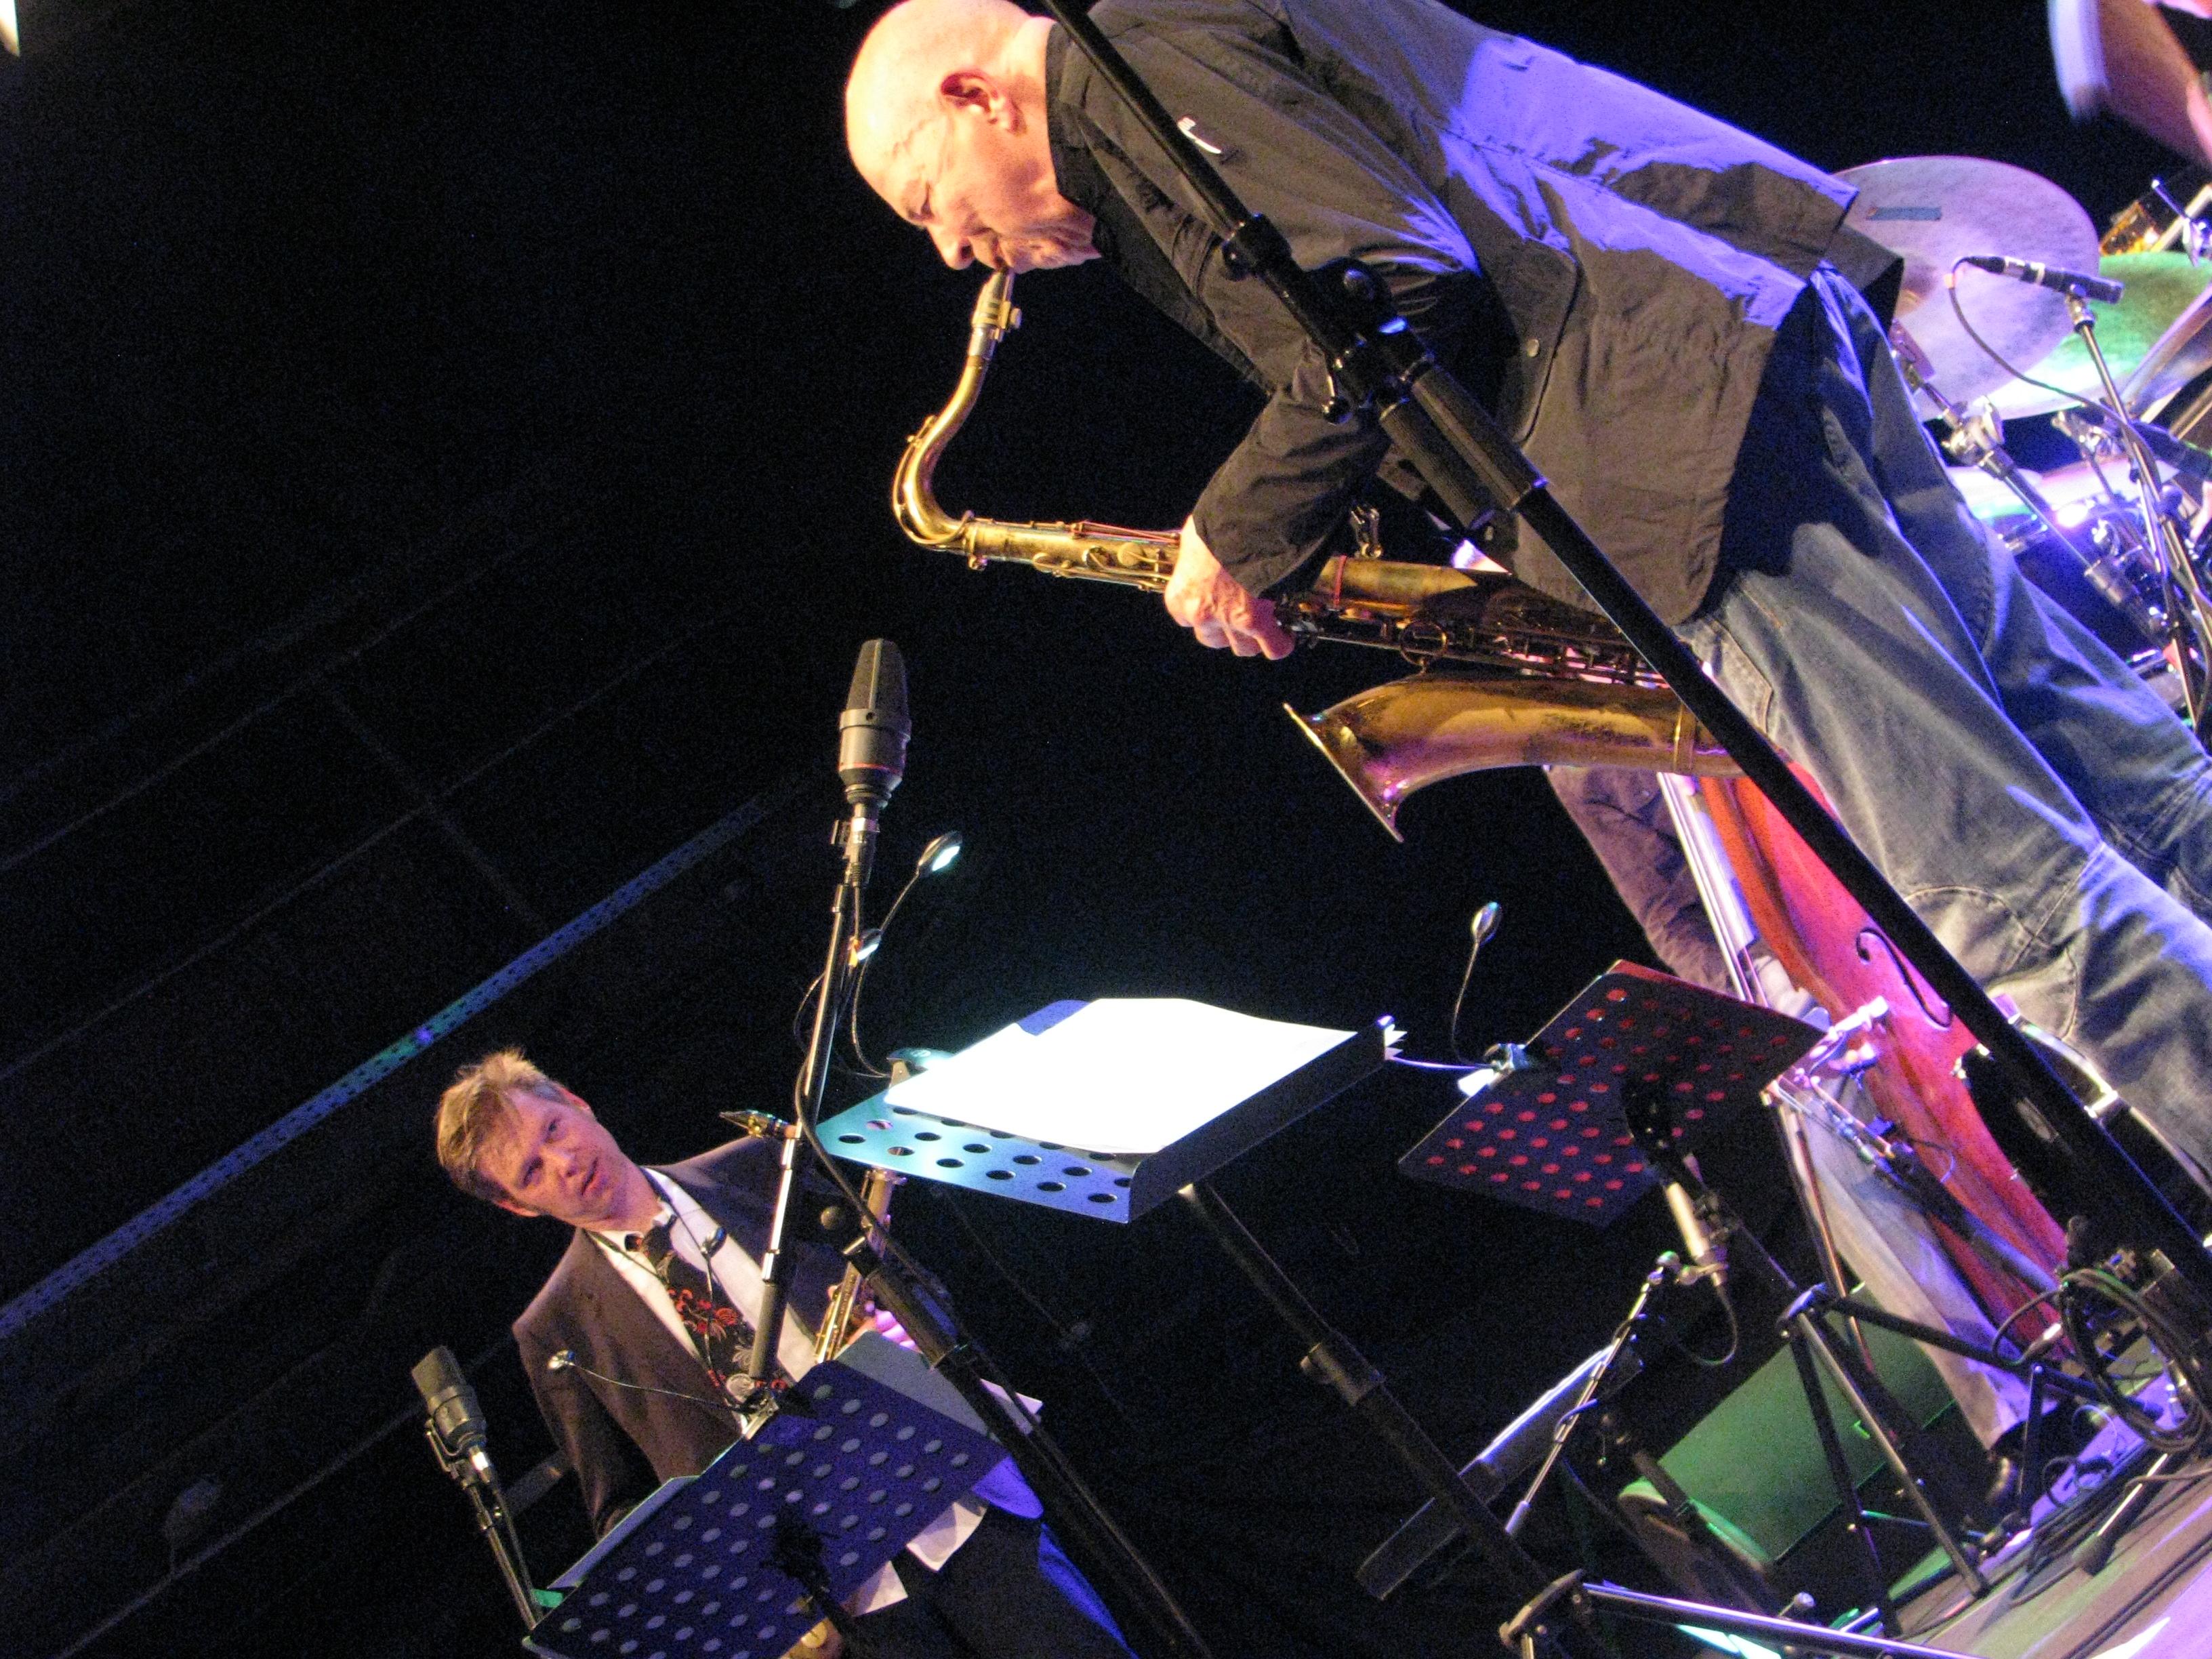 Daniel erdmann + heinz sauer jazzdor berlin 2013